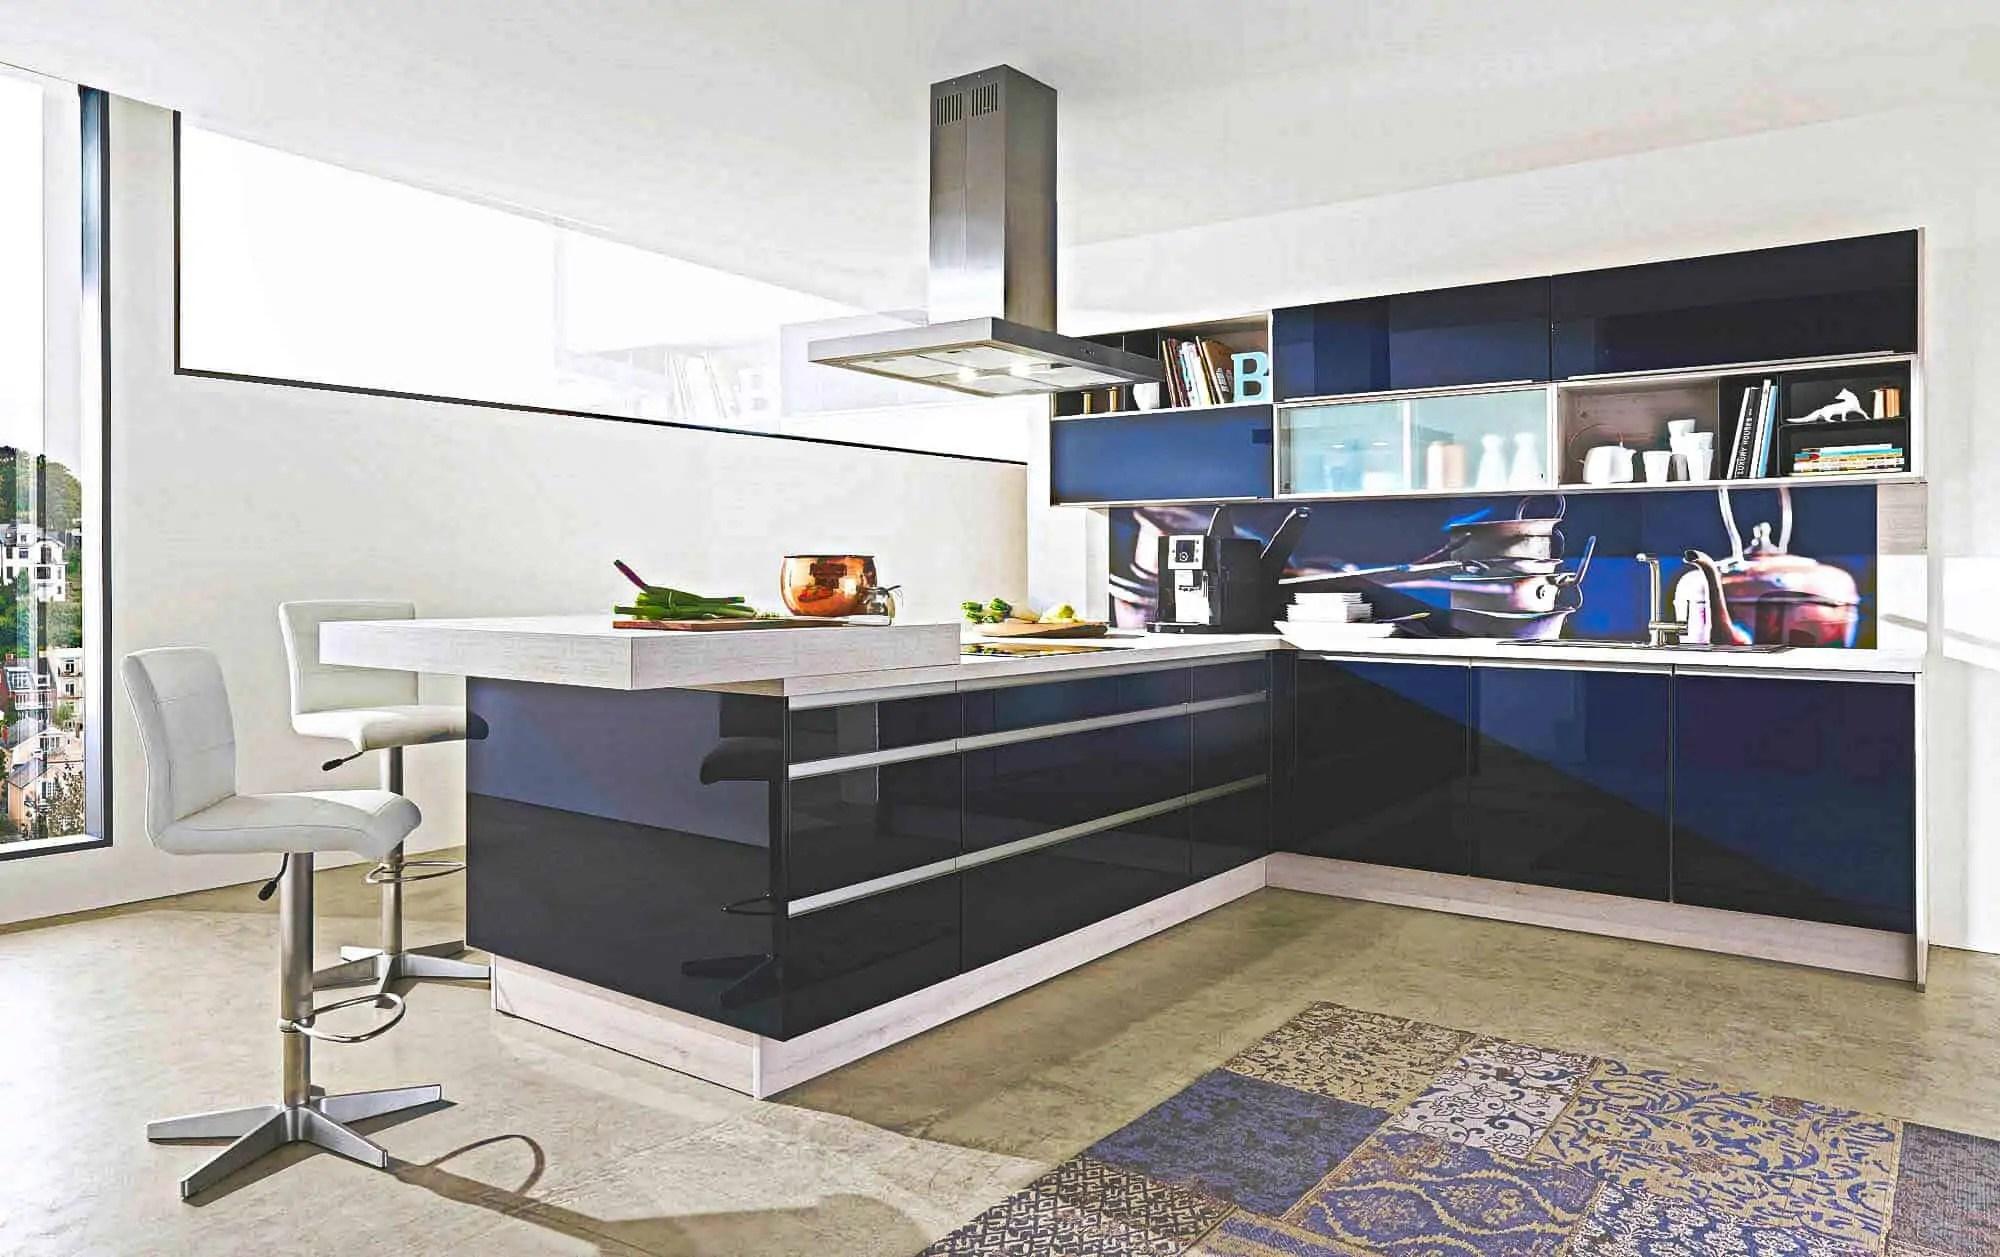 glasschiebet r k che kosten offene k che kosten k che. Black Bedroom Furniture Sets. Home Design Ideas